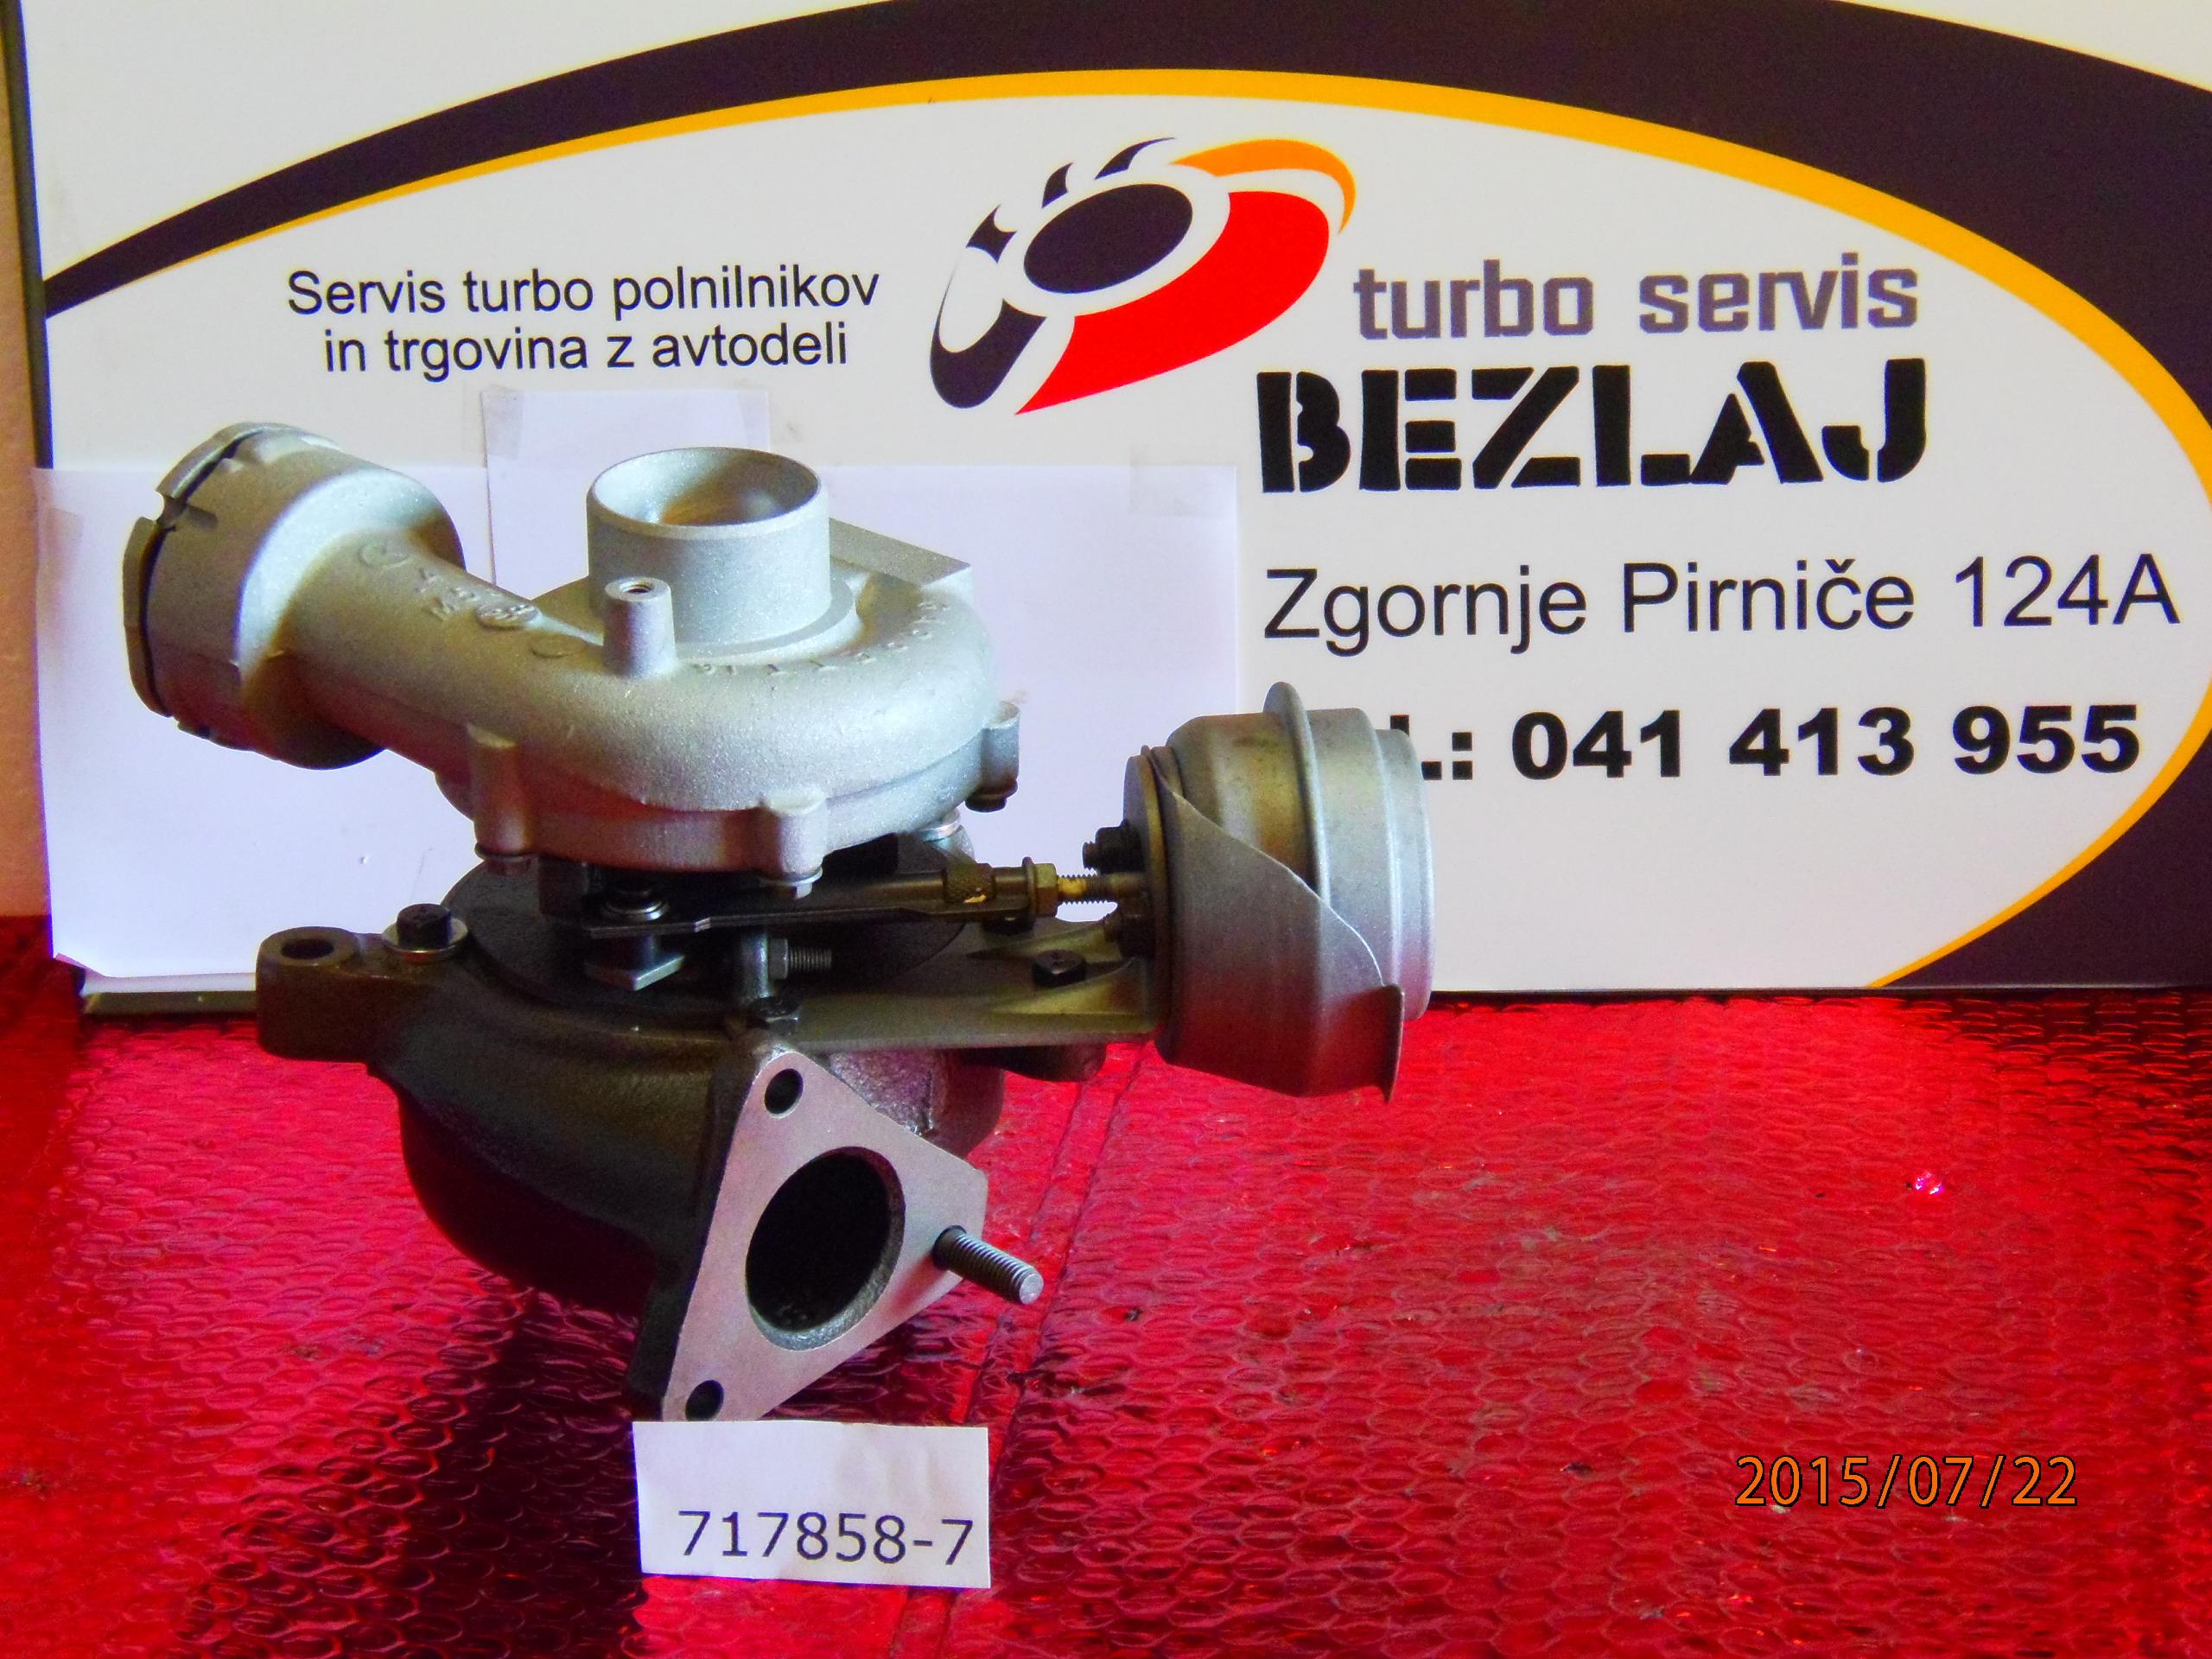 turbo717858-7 (2)